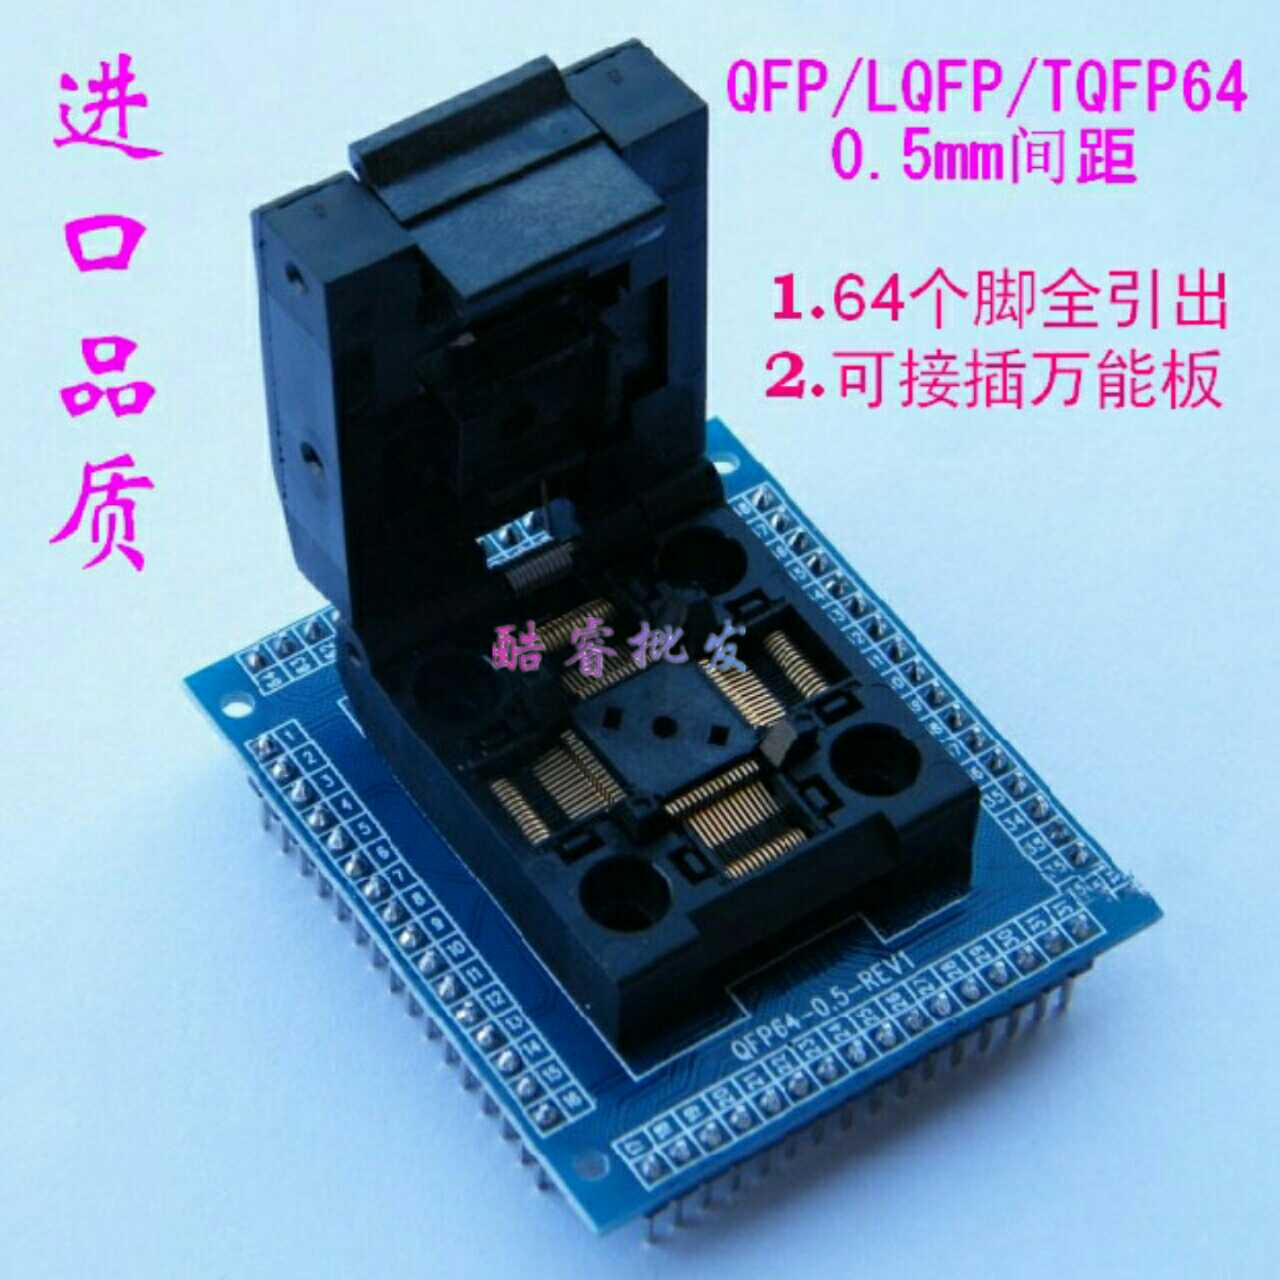 LQFP TQFP QFP64 الوجه شظايا اختبار مقعد 0.5 مللي متر الملعب STM32 حرق مقعد مقعد البرمجة